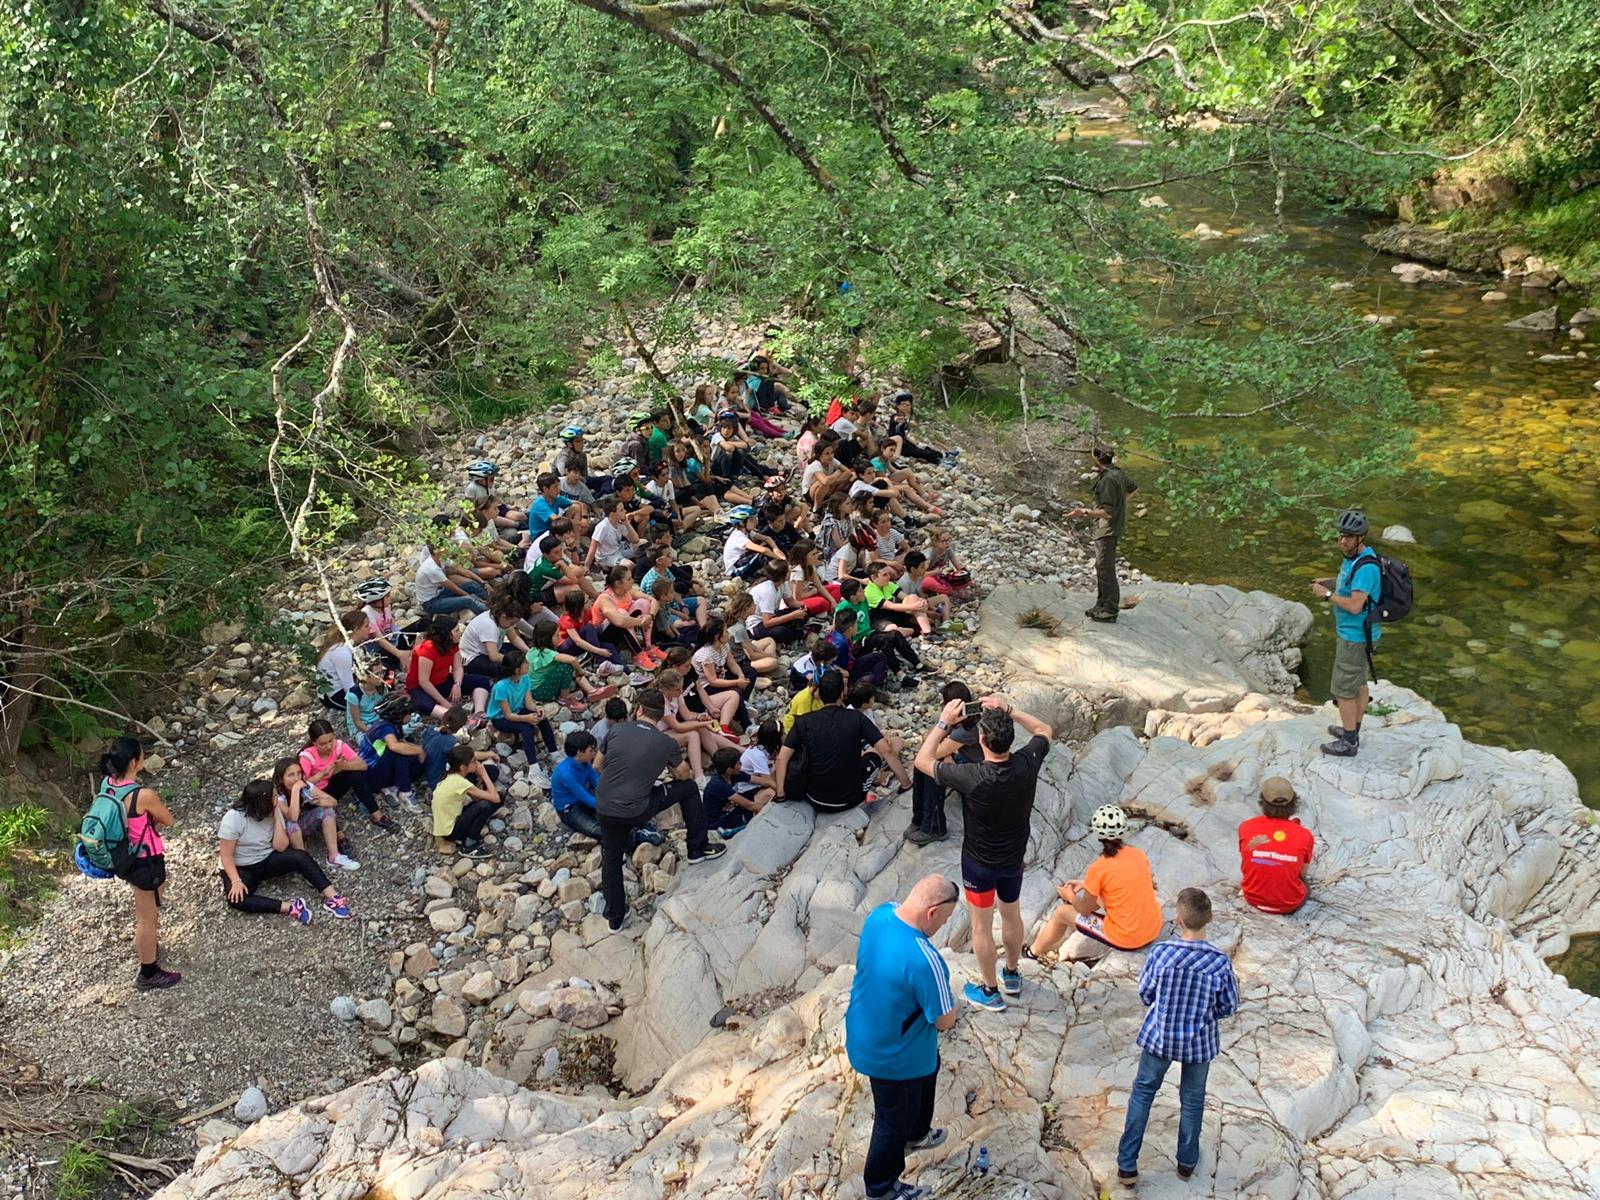 Más de 500 alumnos han participado ya en el programa Valles del Oso esta temporada